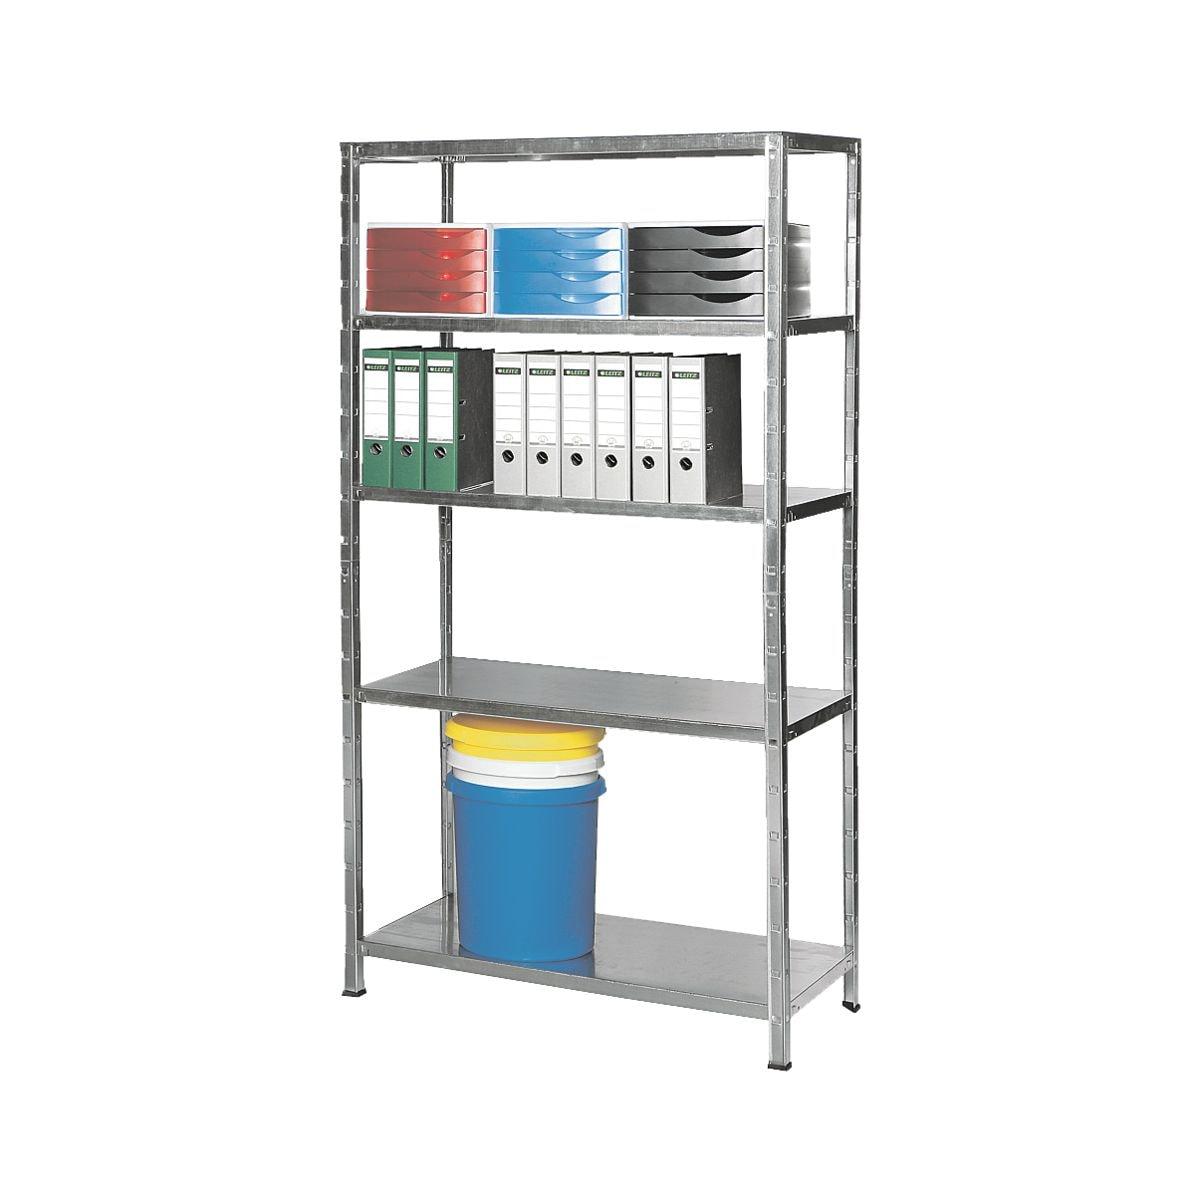 SCHULTE Lagertechnik Système d'étagères emboîtables « Profiline »